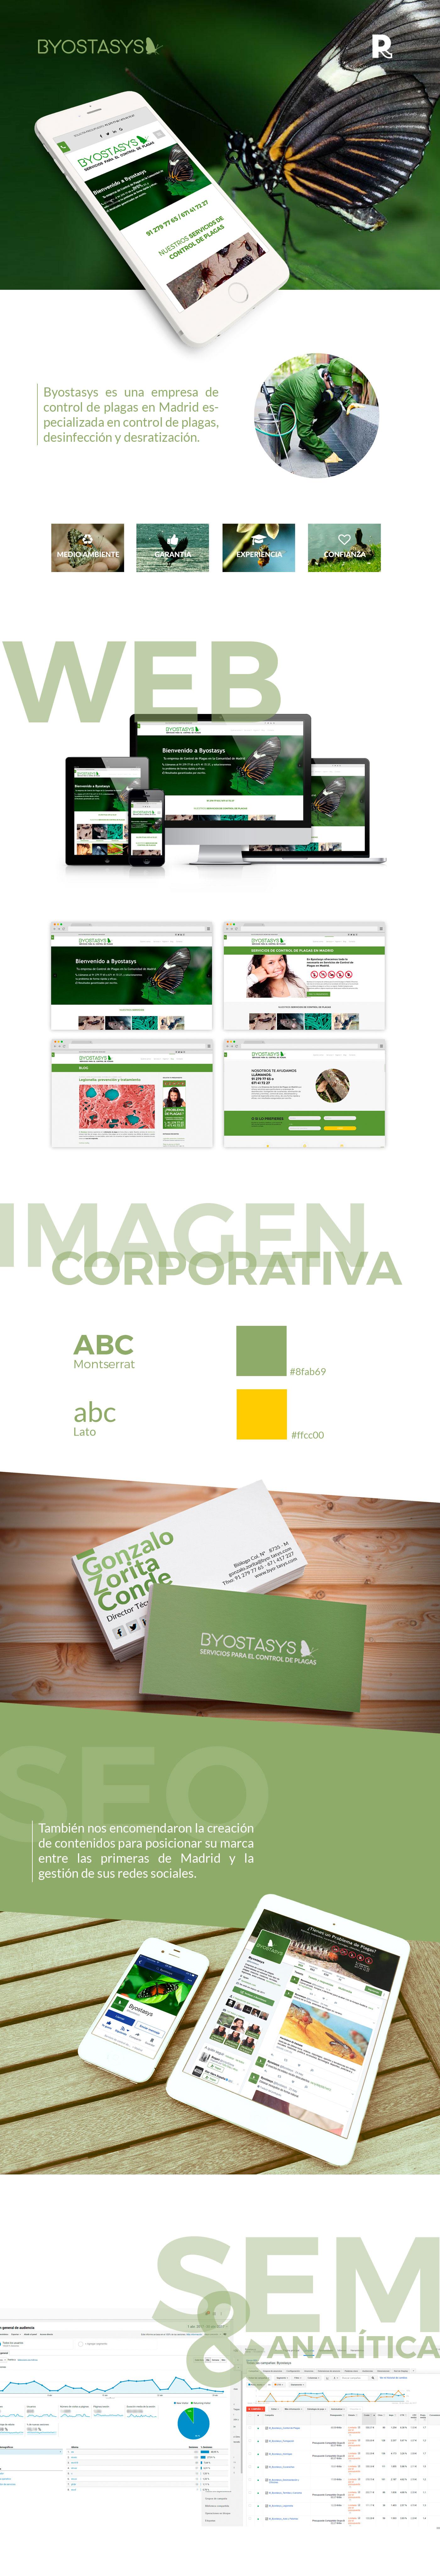 Diseño web Byostasys